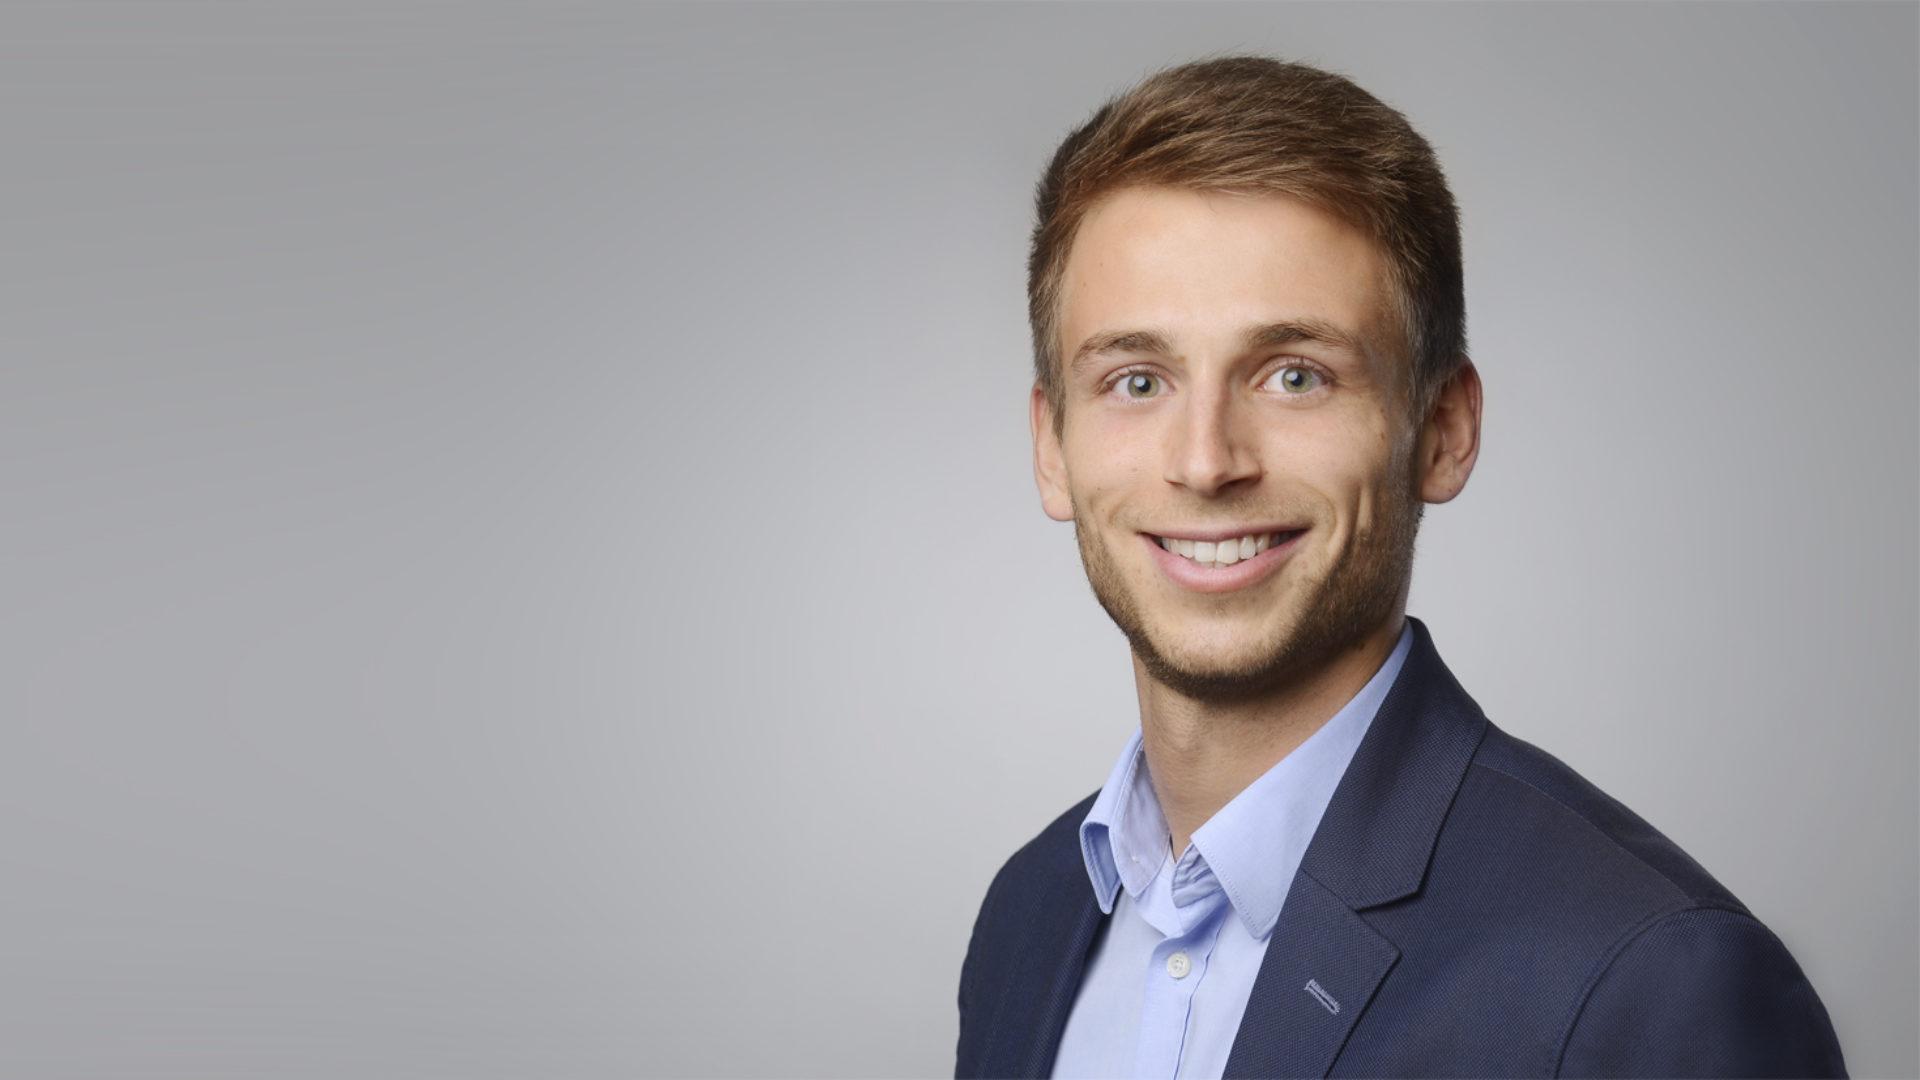 Simon Jans